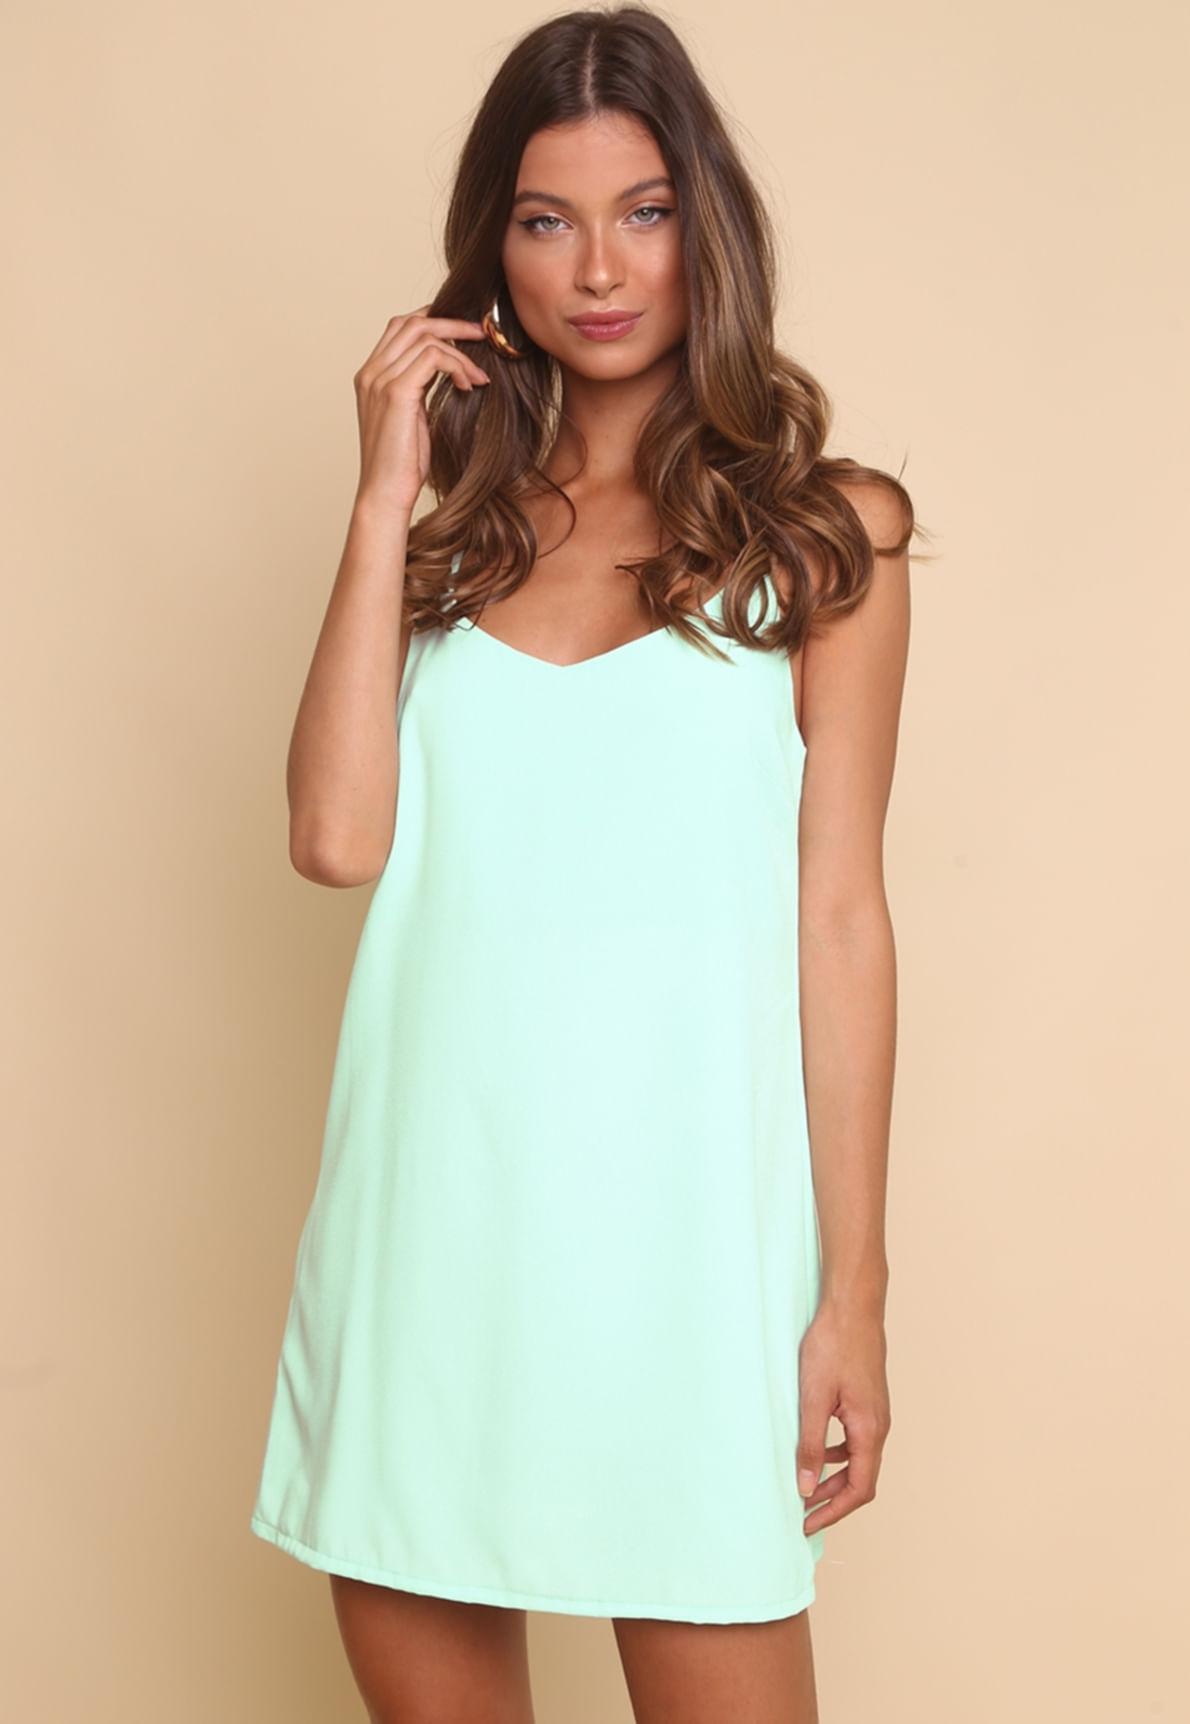 30329-vestido-soltinho-verde-menta-noronha-mundo-lolita01